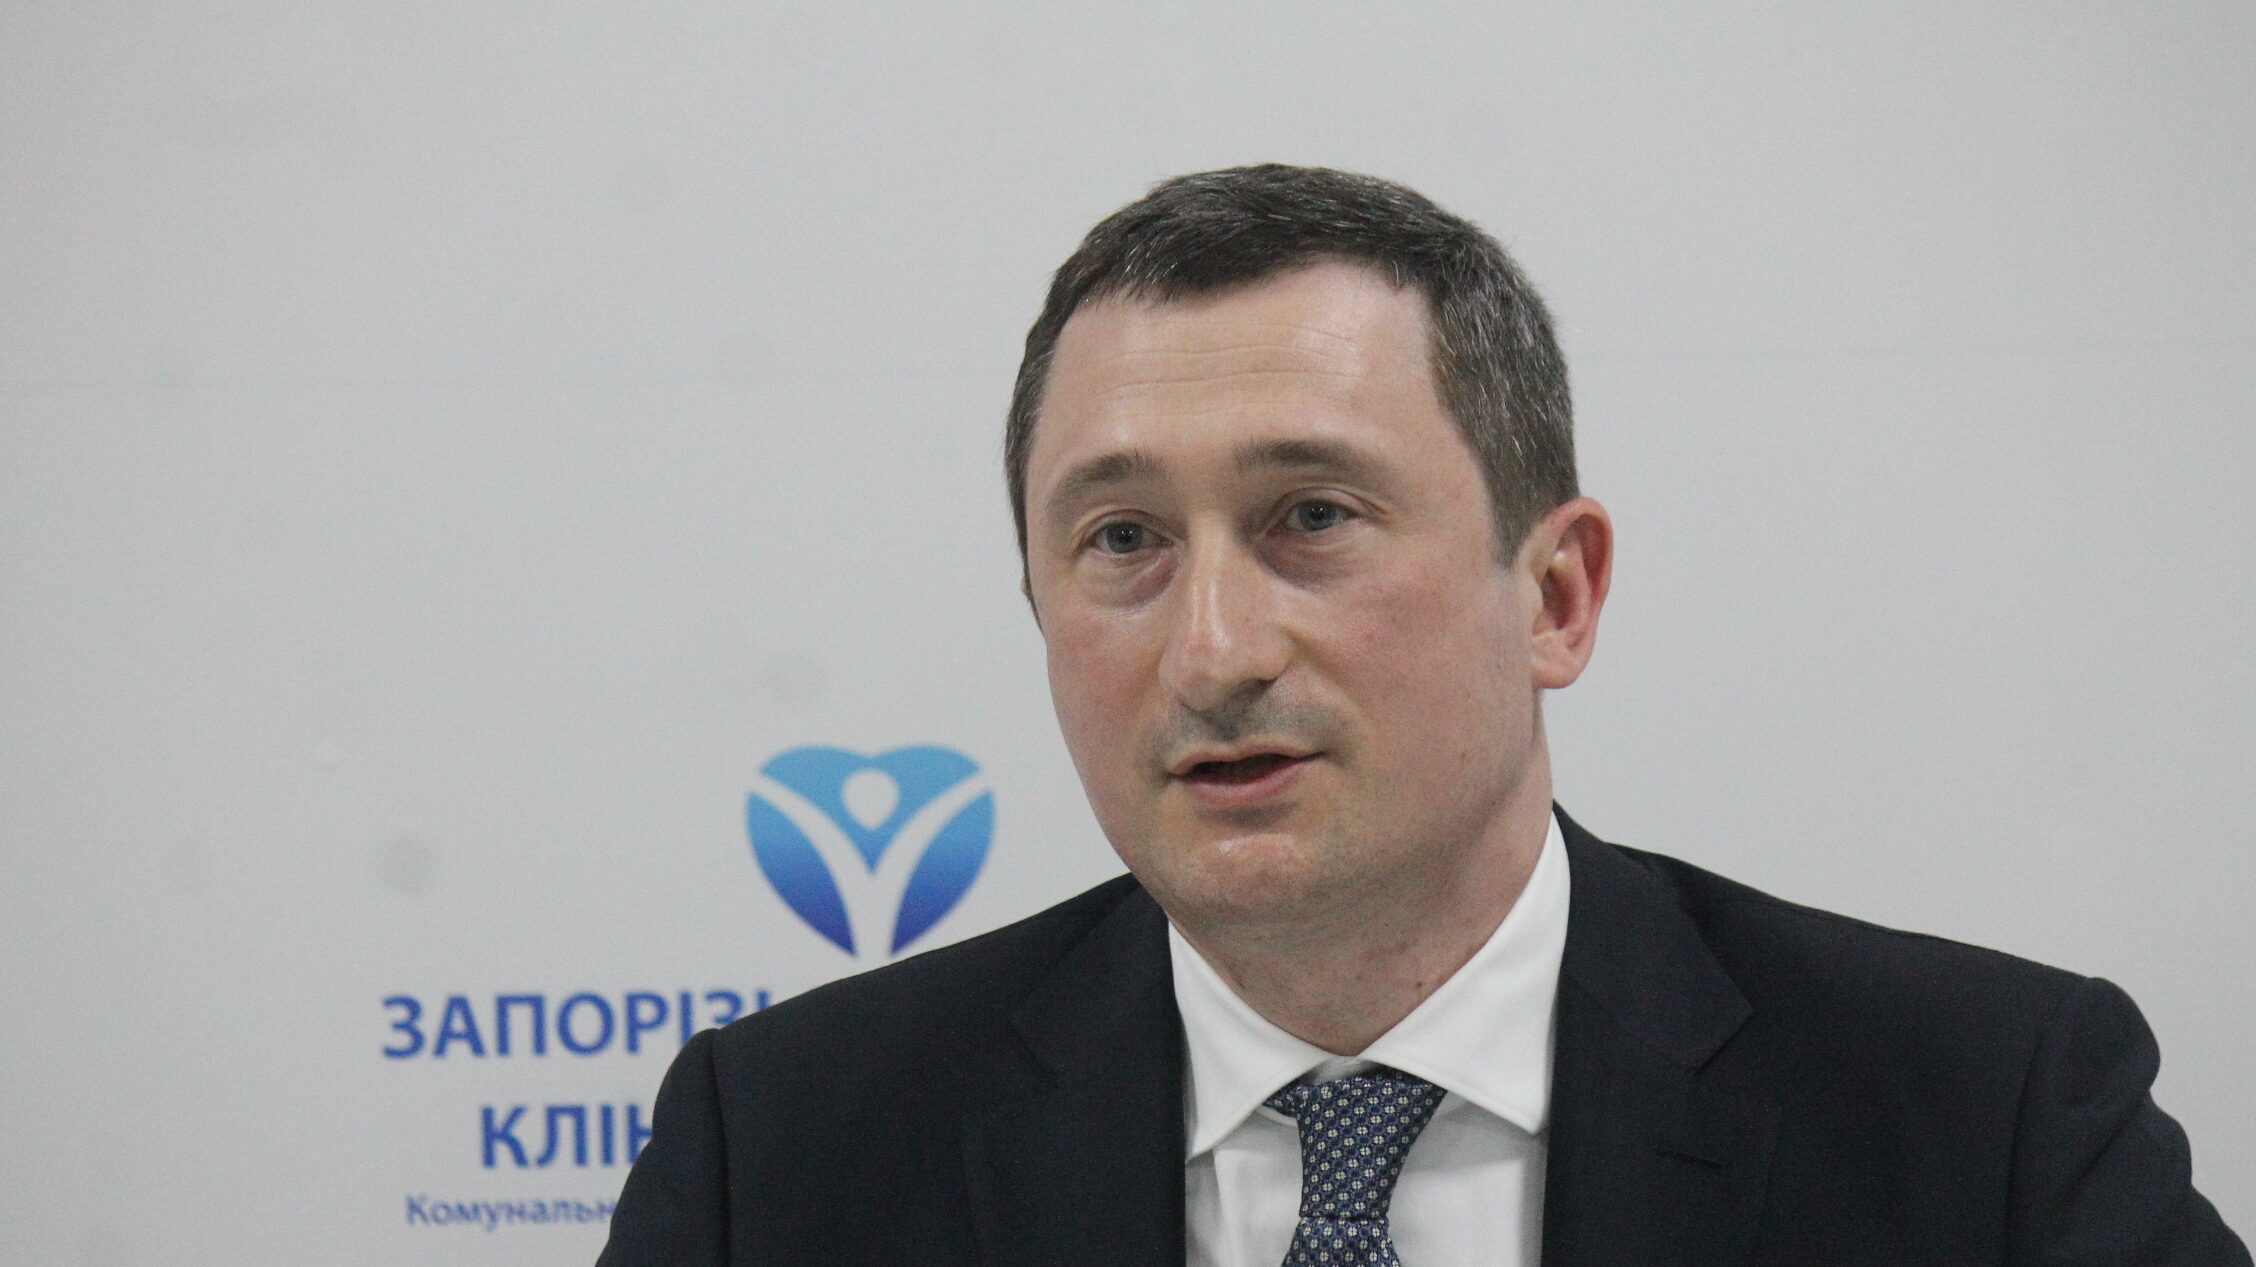 Міністр розвитку територій розкритикував темпи реконструкції у Запорізькій обласній лікарні